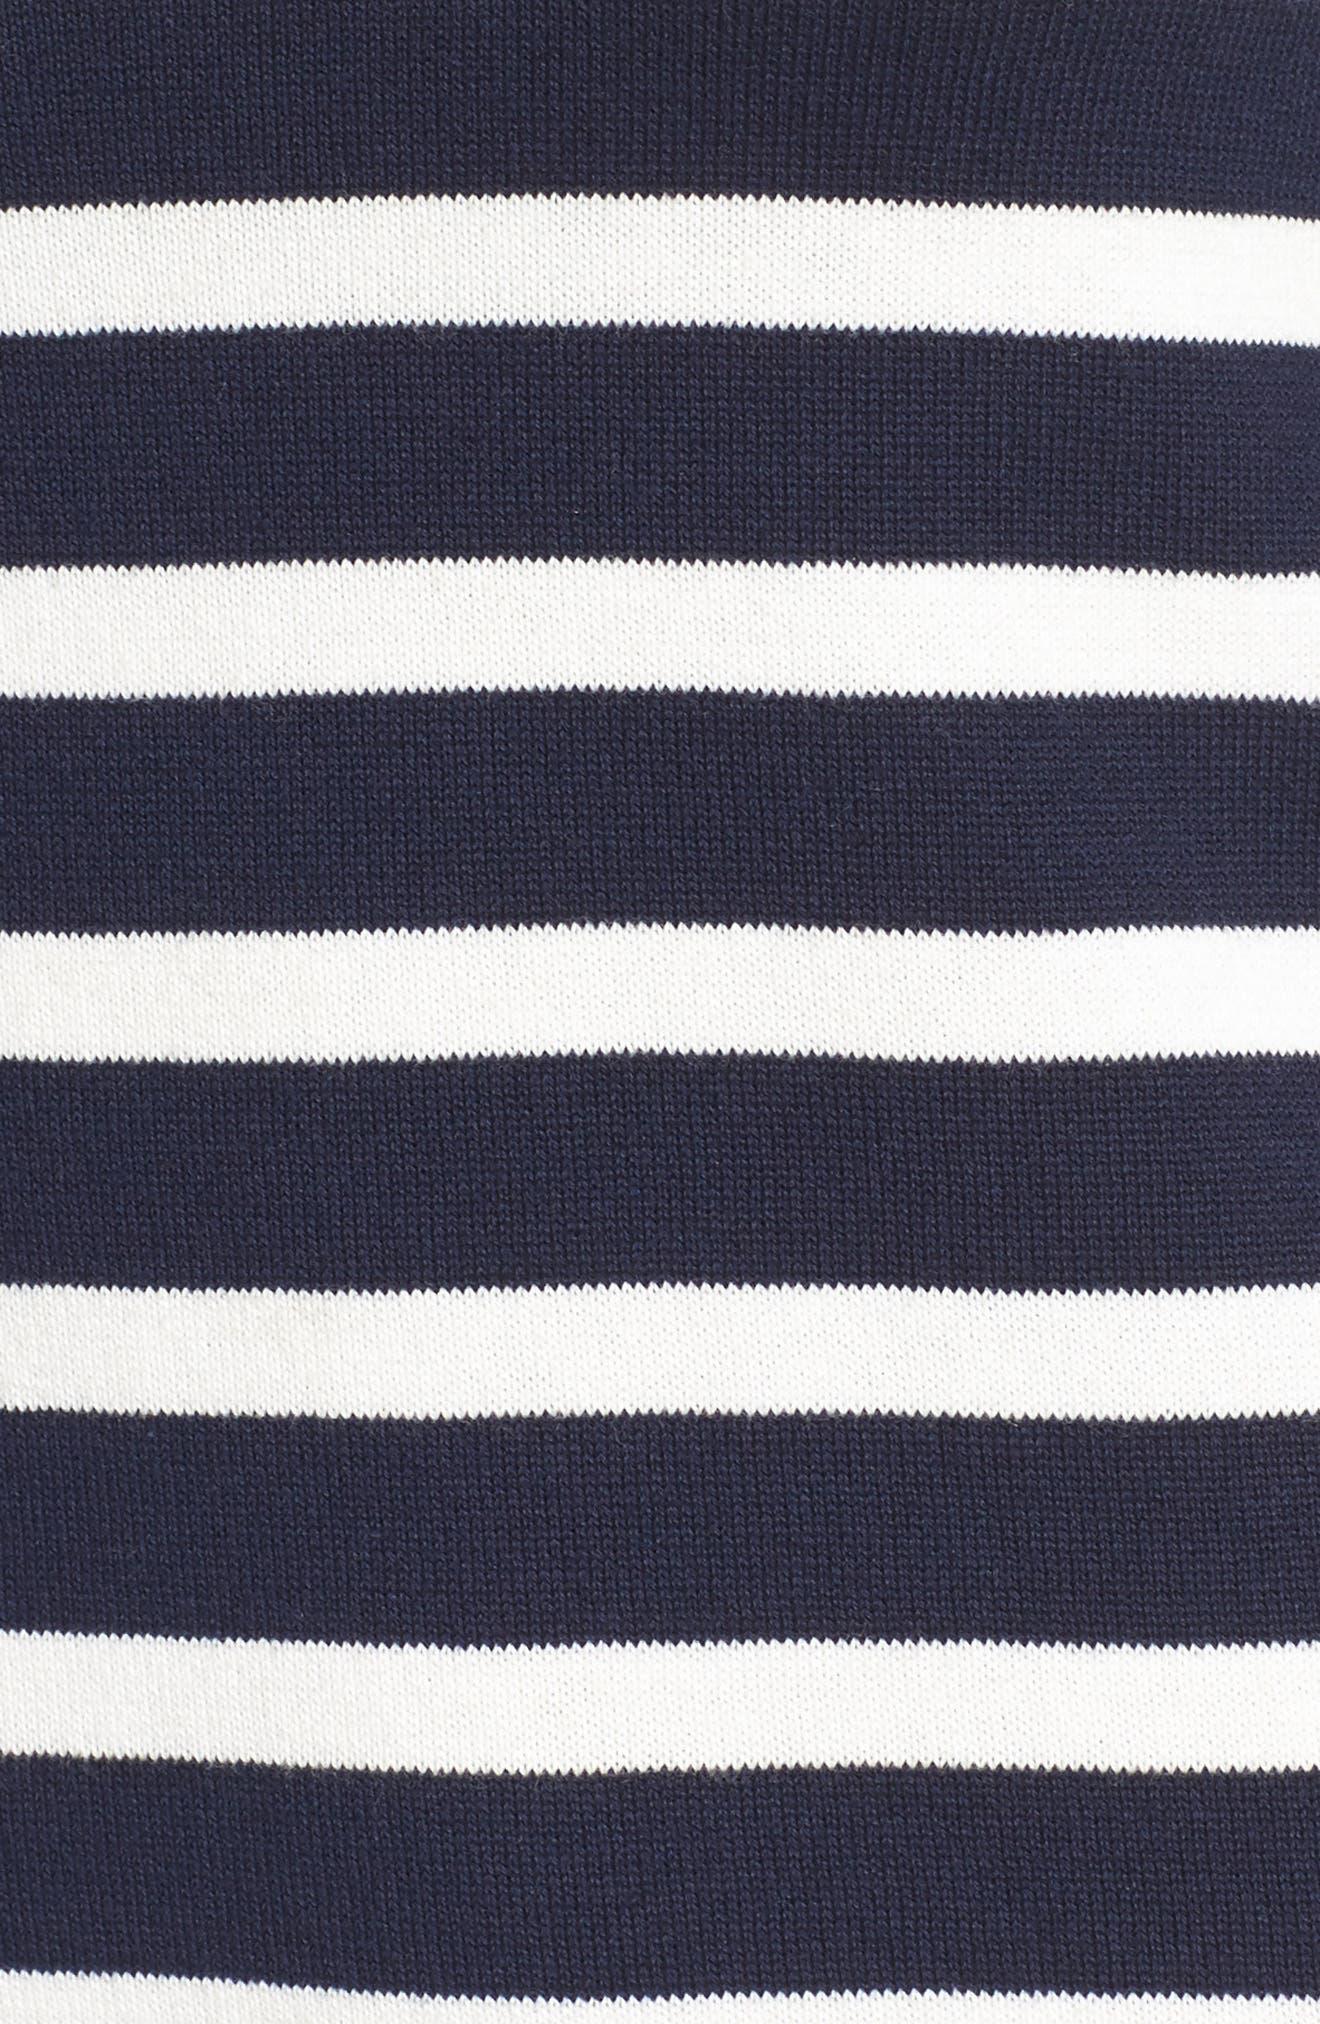 Trina Turk Tango Stripe Cotton Knit Dress,                             Alternate thumbnail 6, color,                             Whitewash/ Indigo